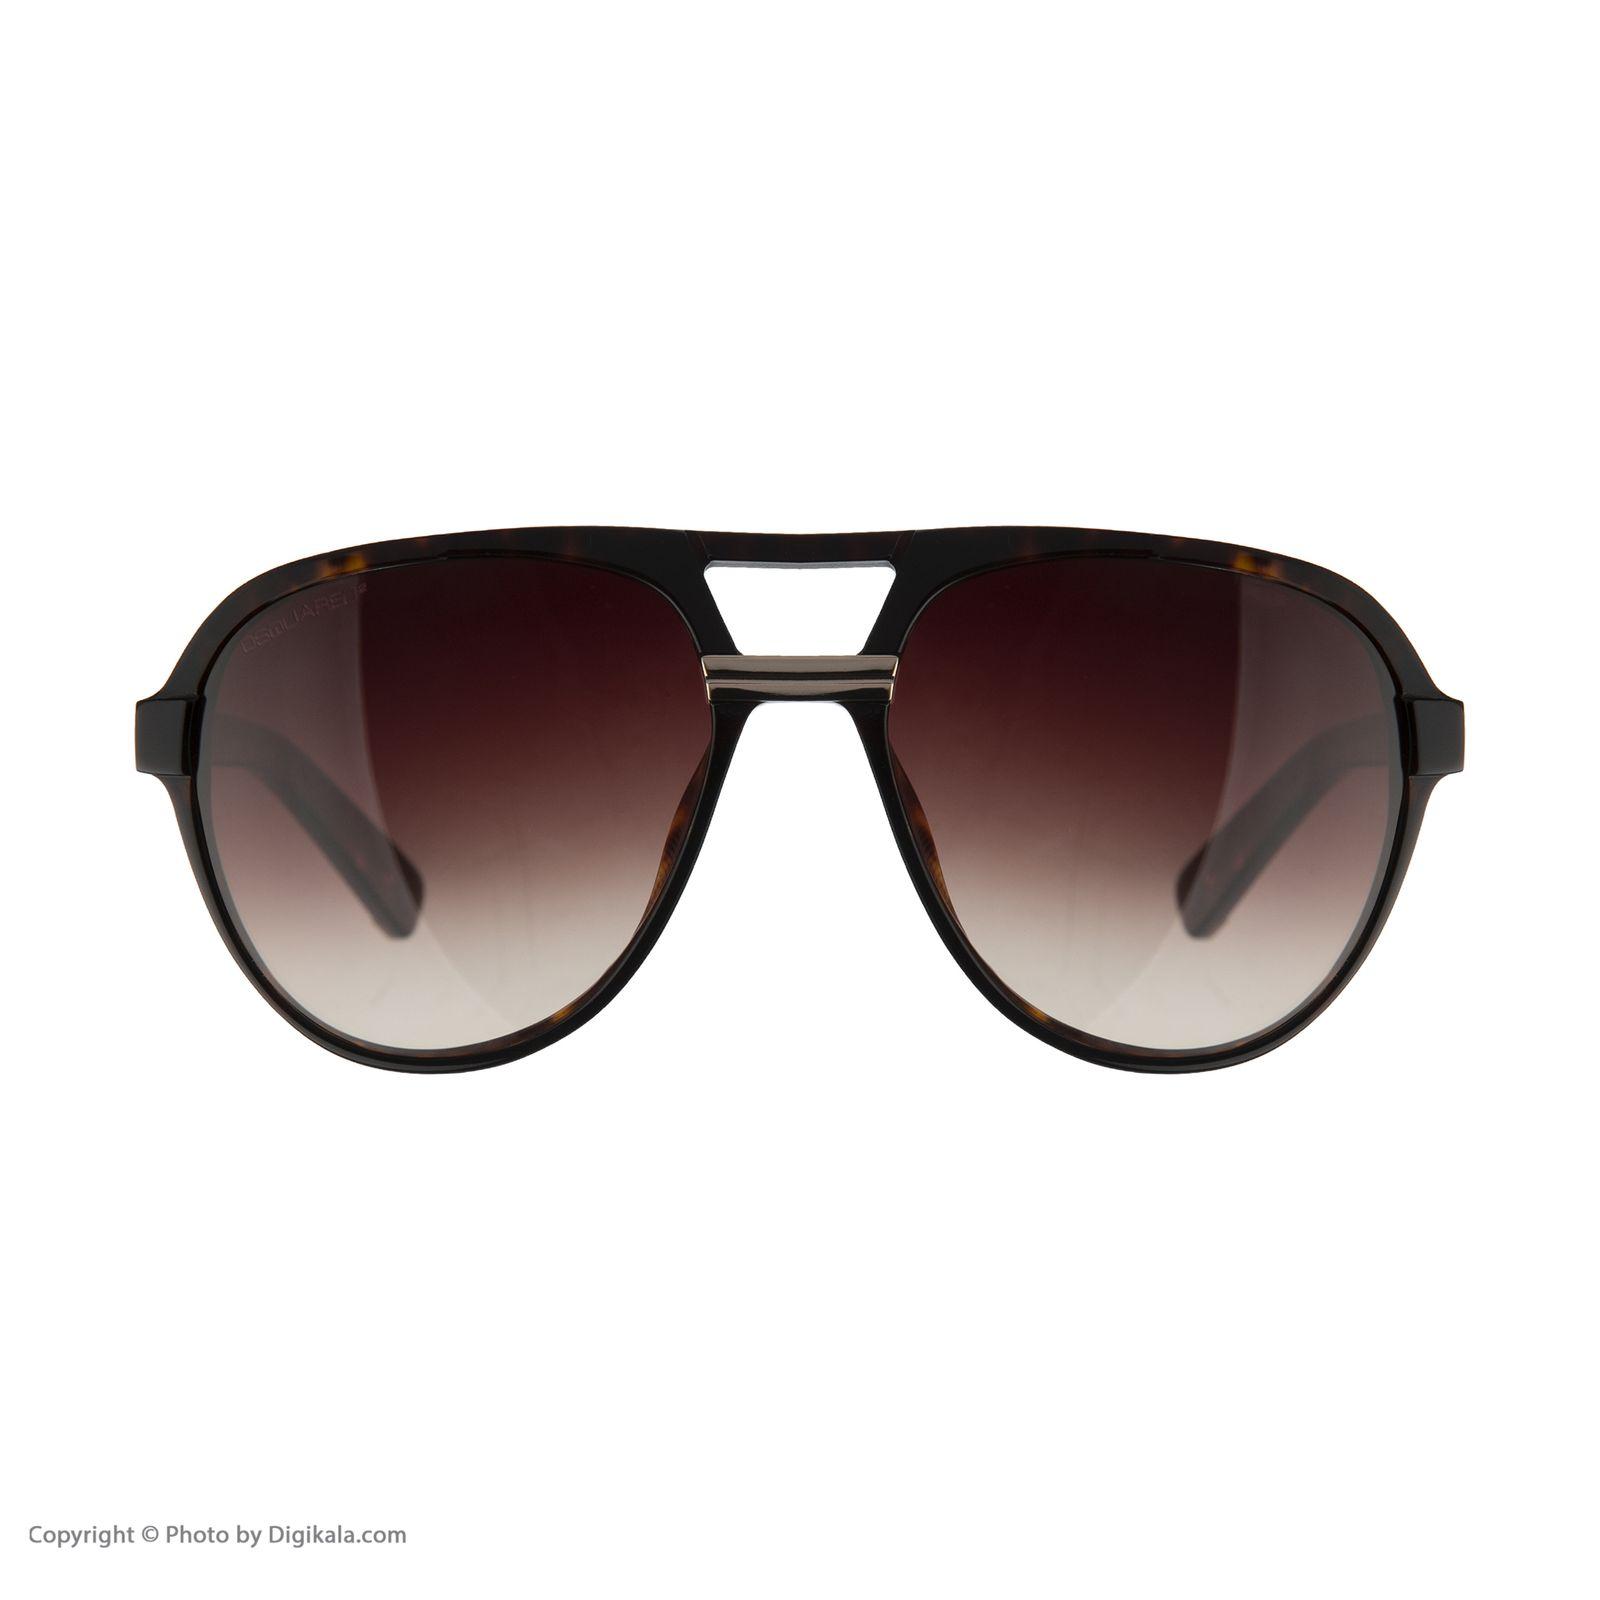 عینک آفتابی  دیسکوارد مدل 0070 -  - 5